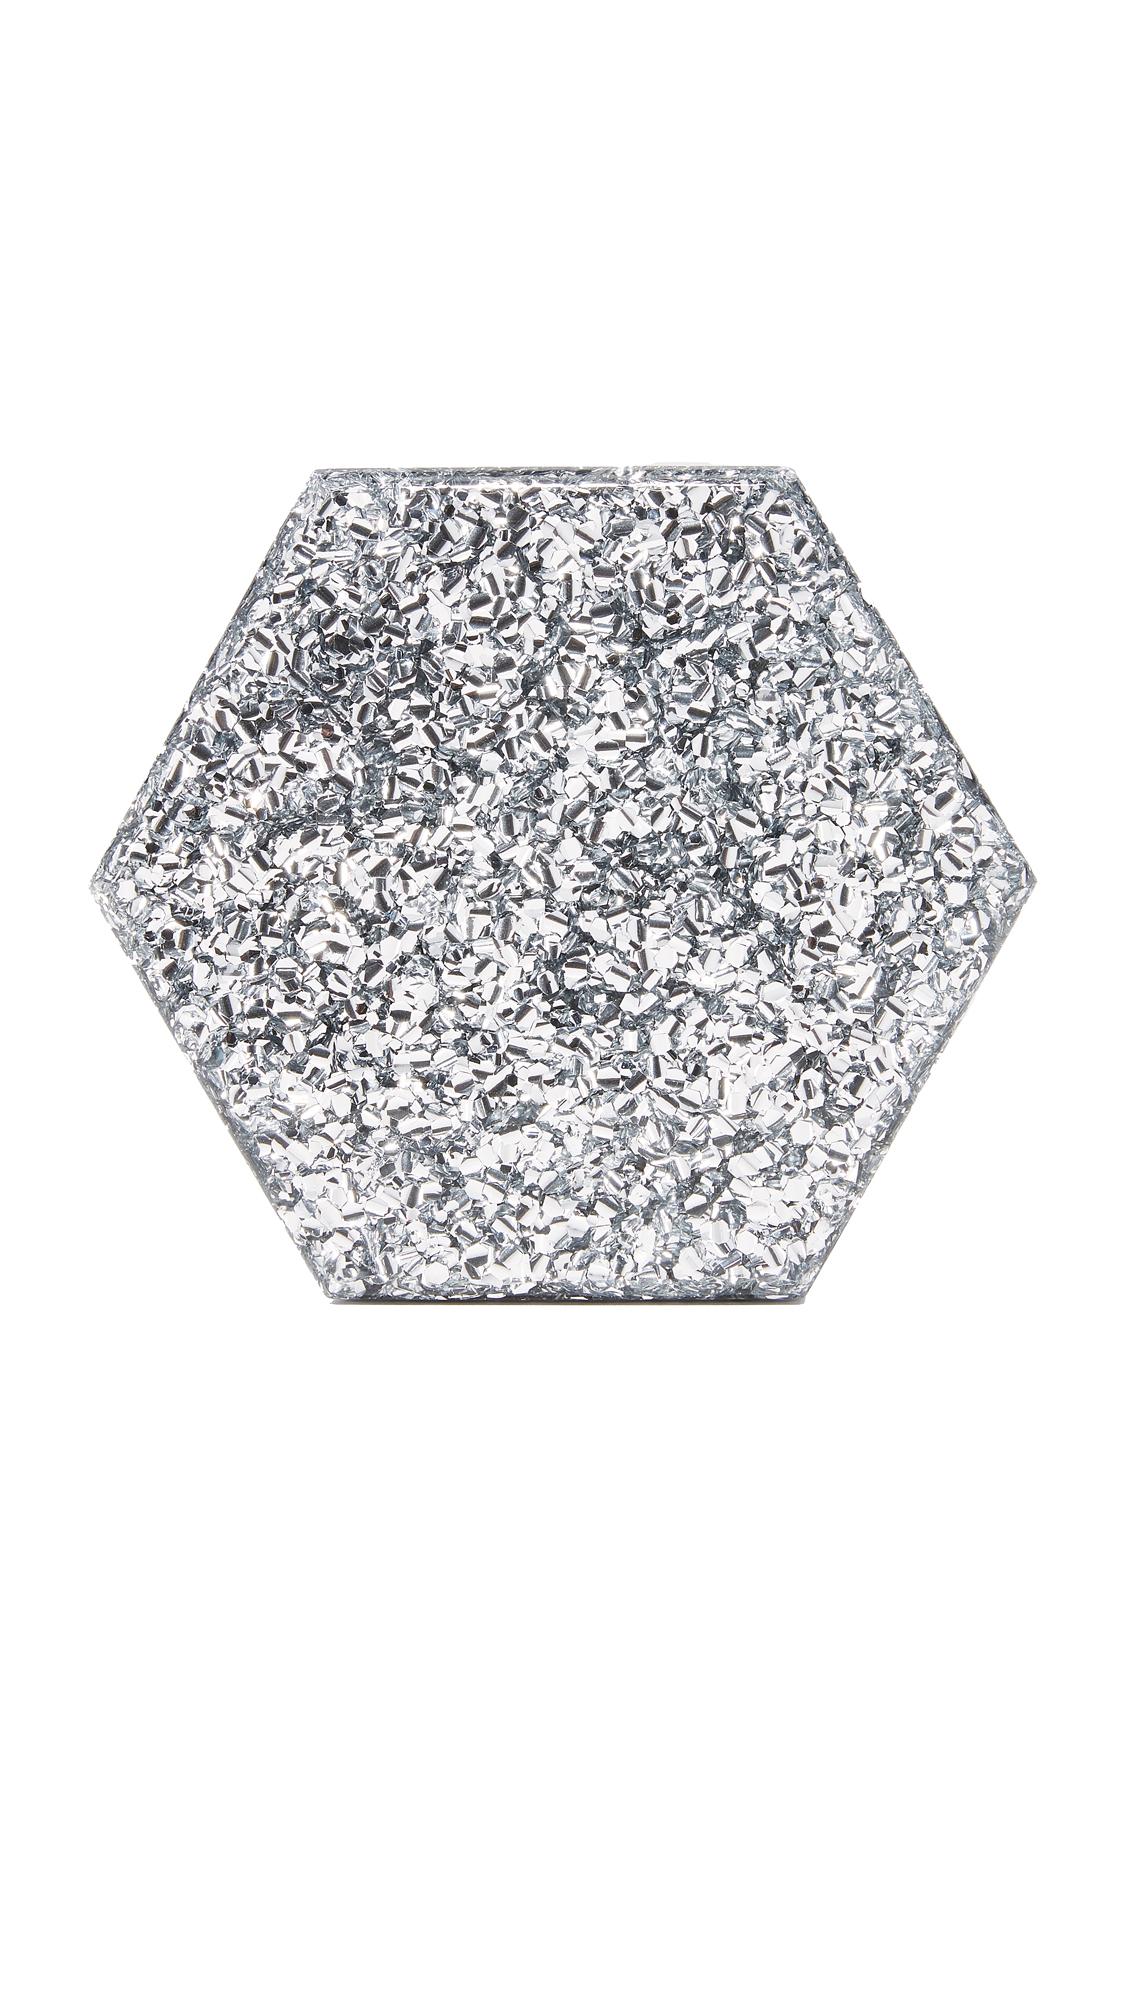 Edie Parker Mini Macy Multi Clutch - Silver Multi